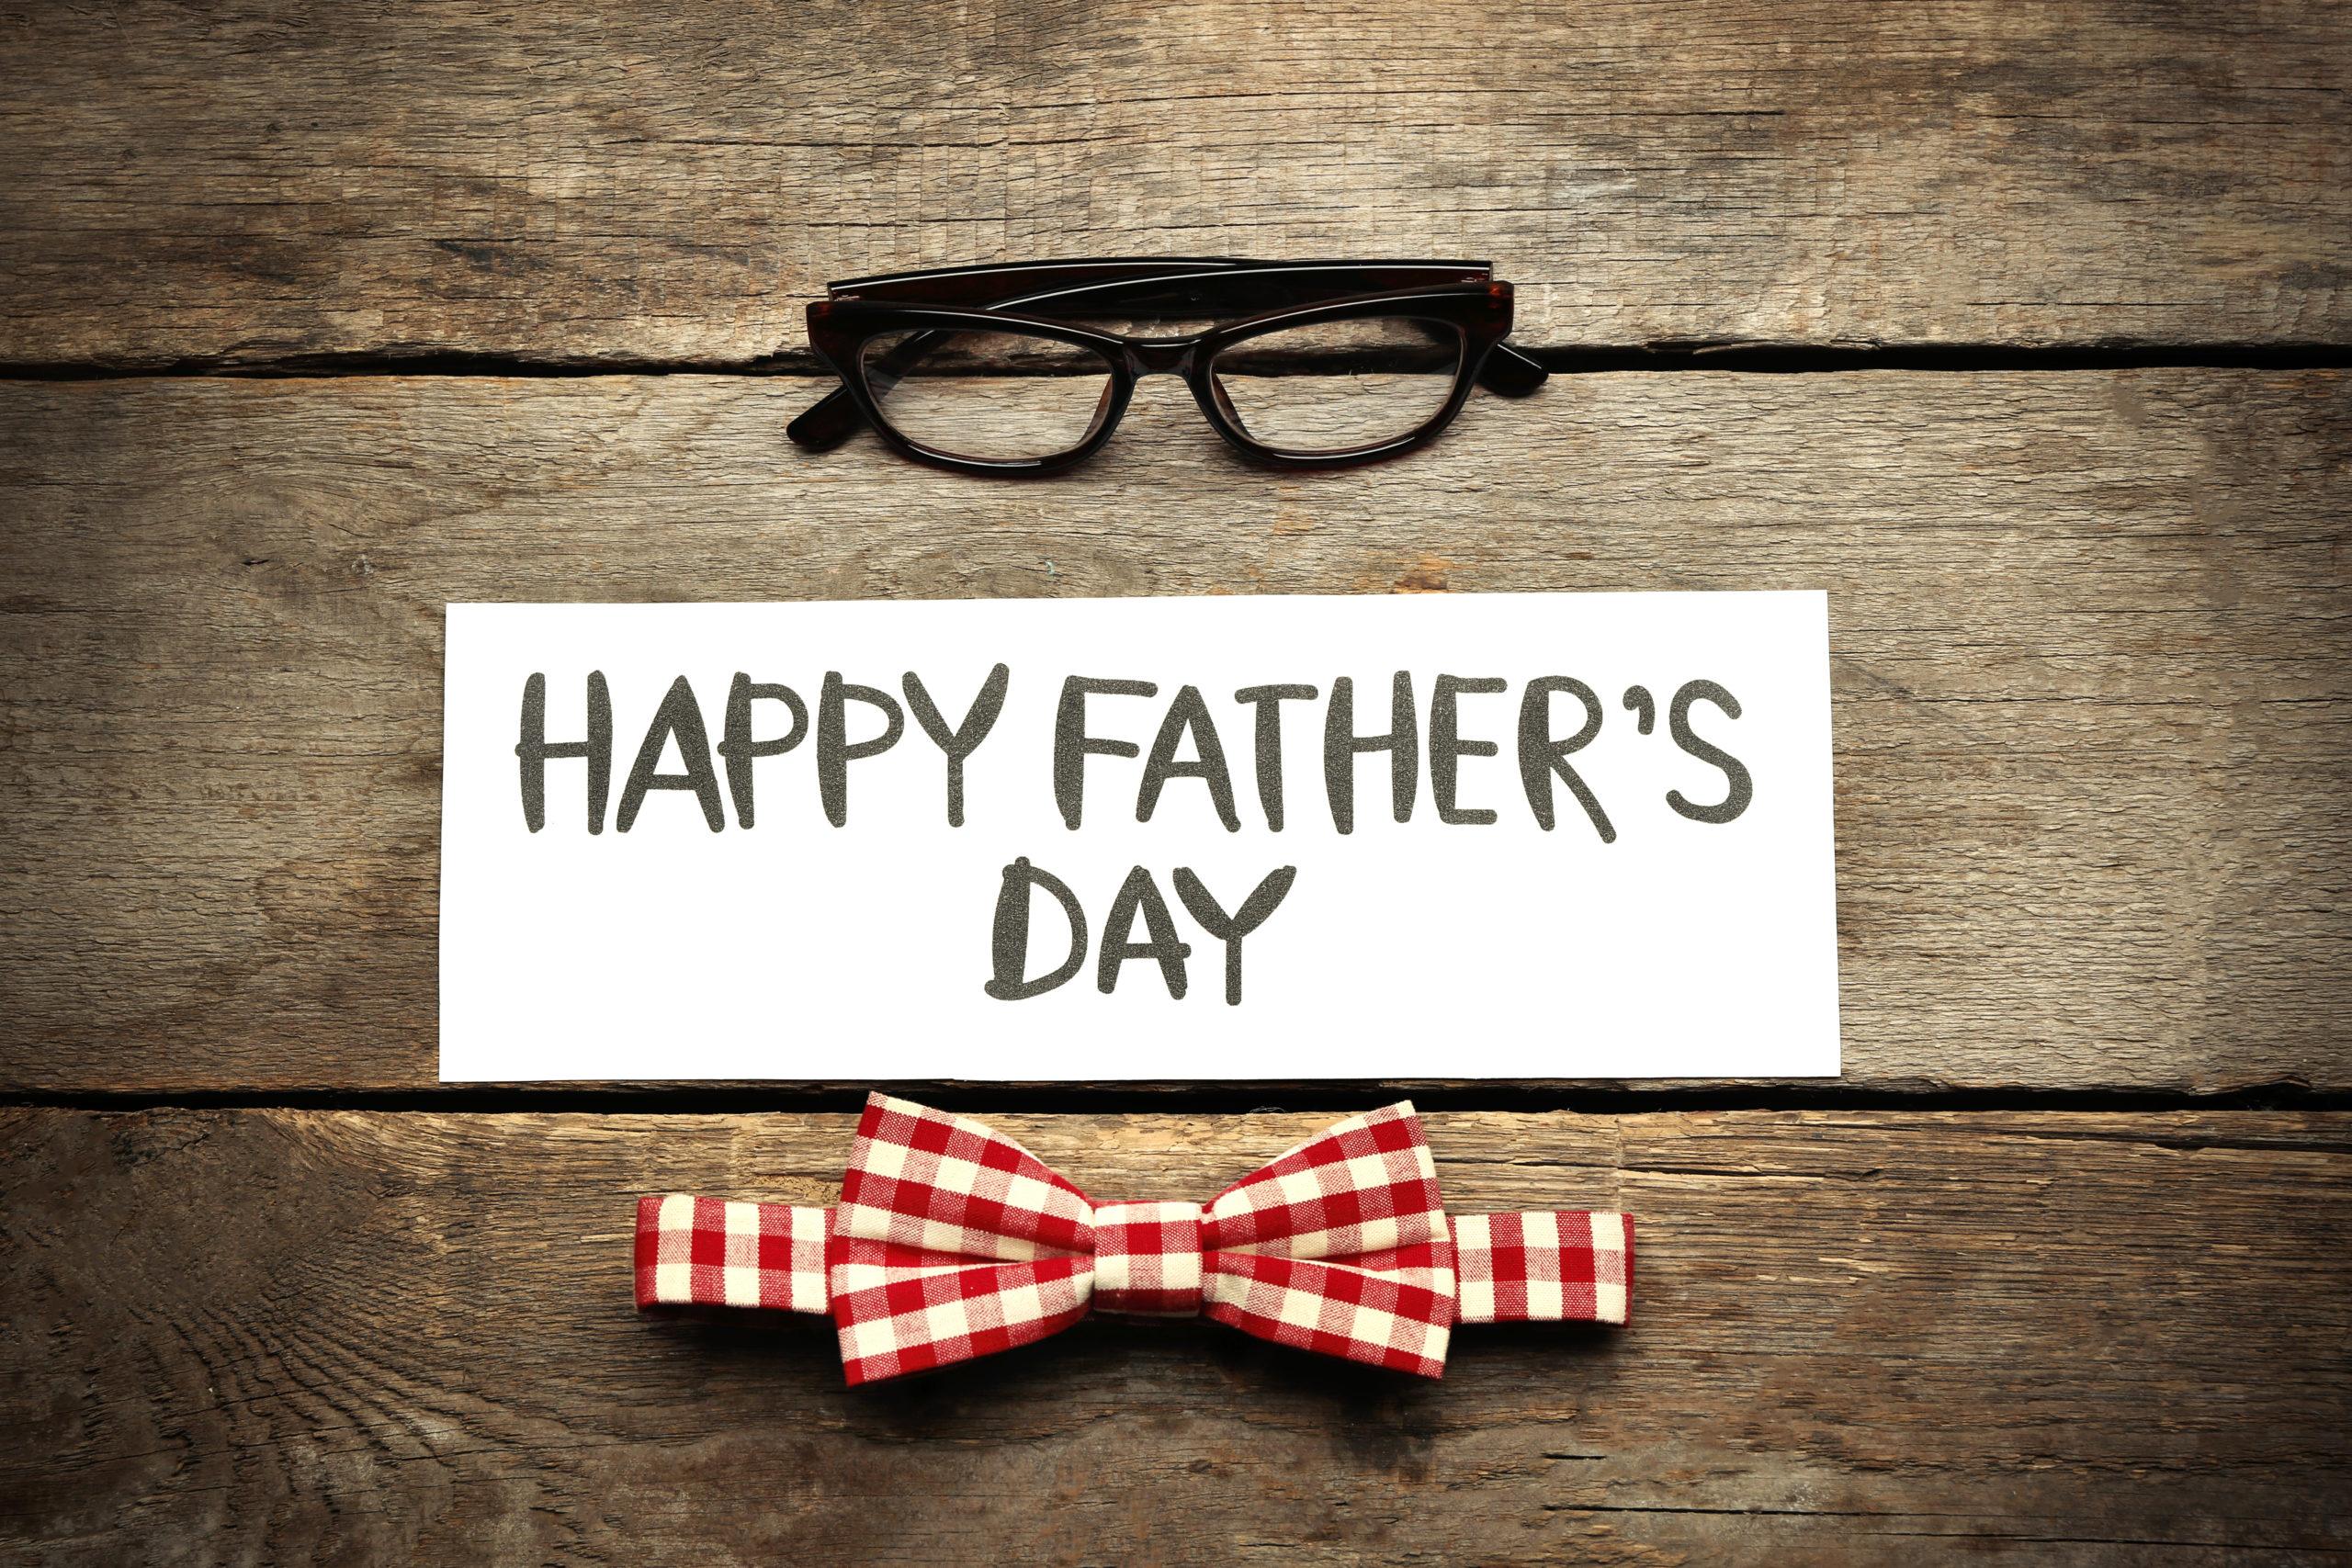 Día del Padre: regalos originales e ingeniosos con los que sorprender a tu padre (sin salir de casa)